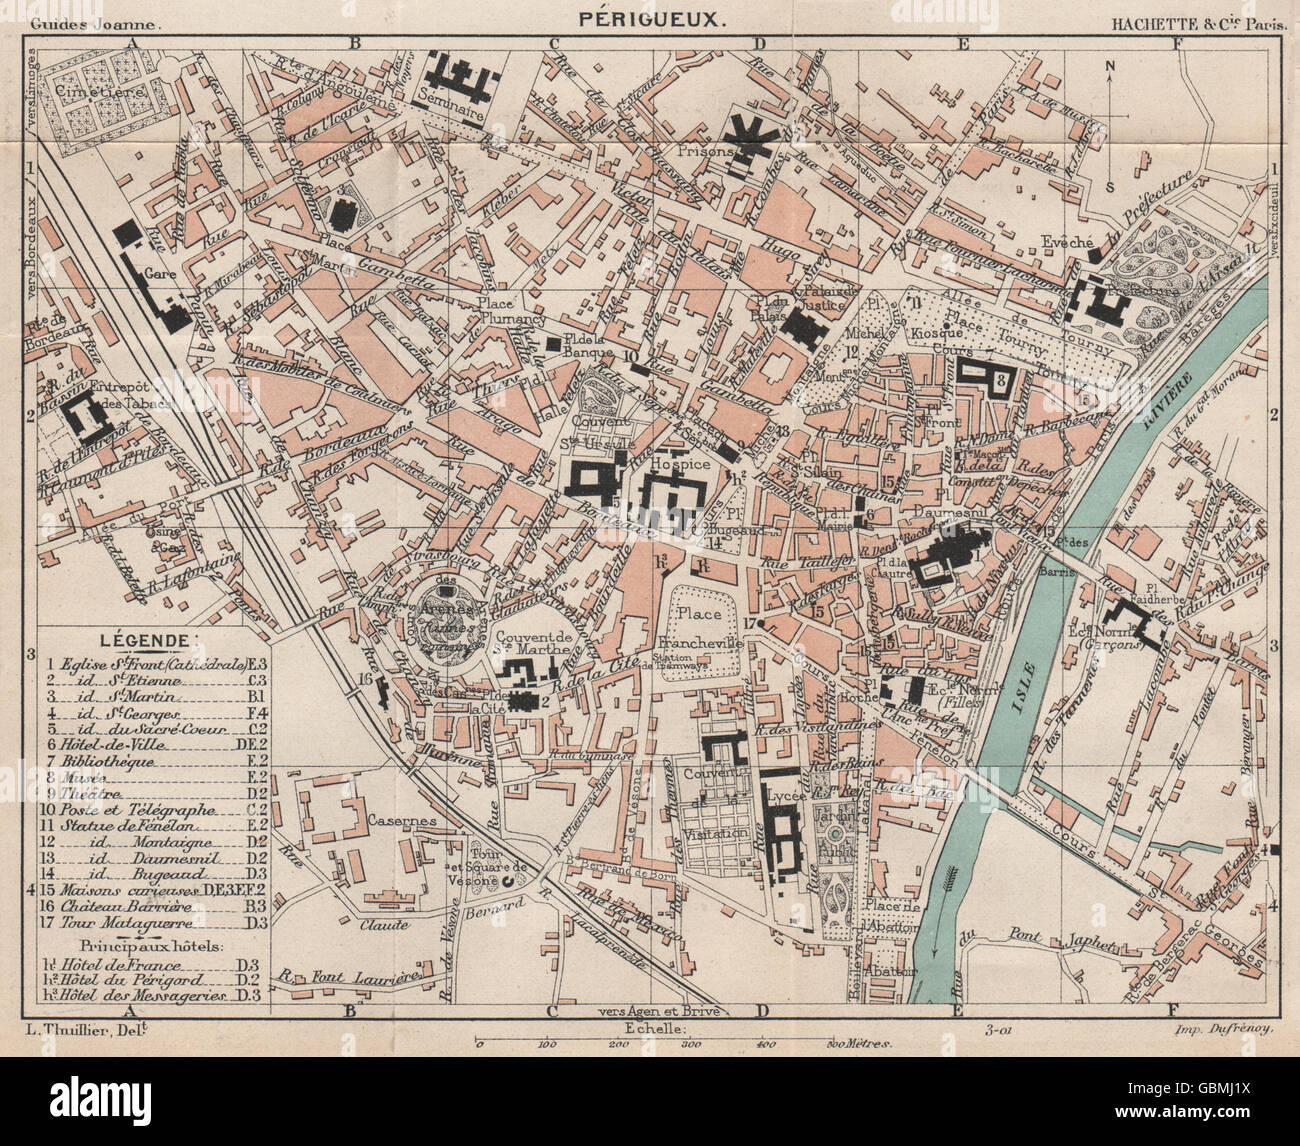 PÉRIGUEUX. Vintage town city ville map plan carte. Dordogne, 1899 Stock Photo: 110476630 - Alamy